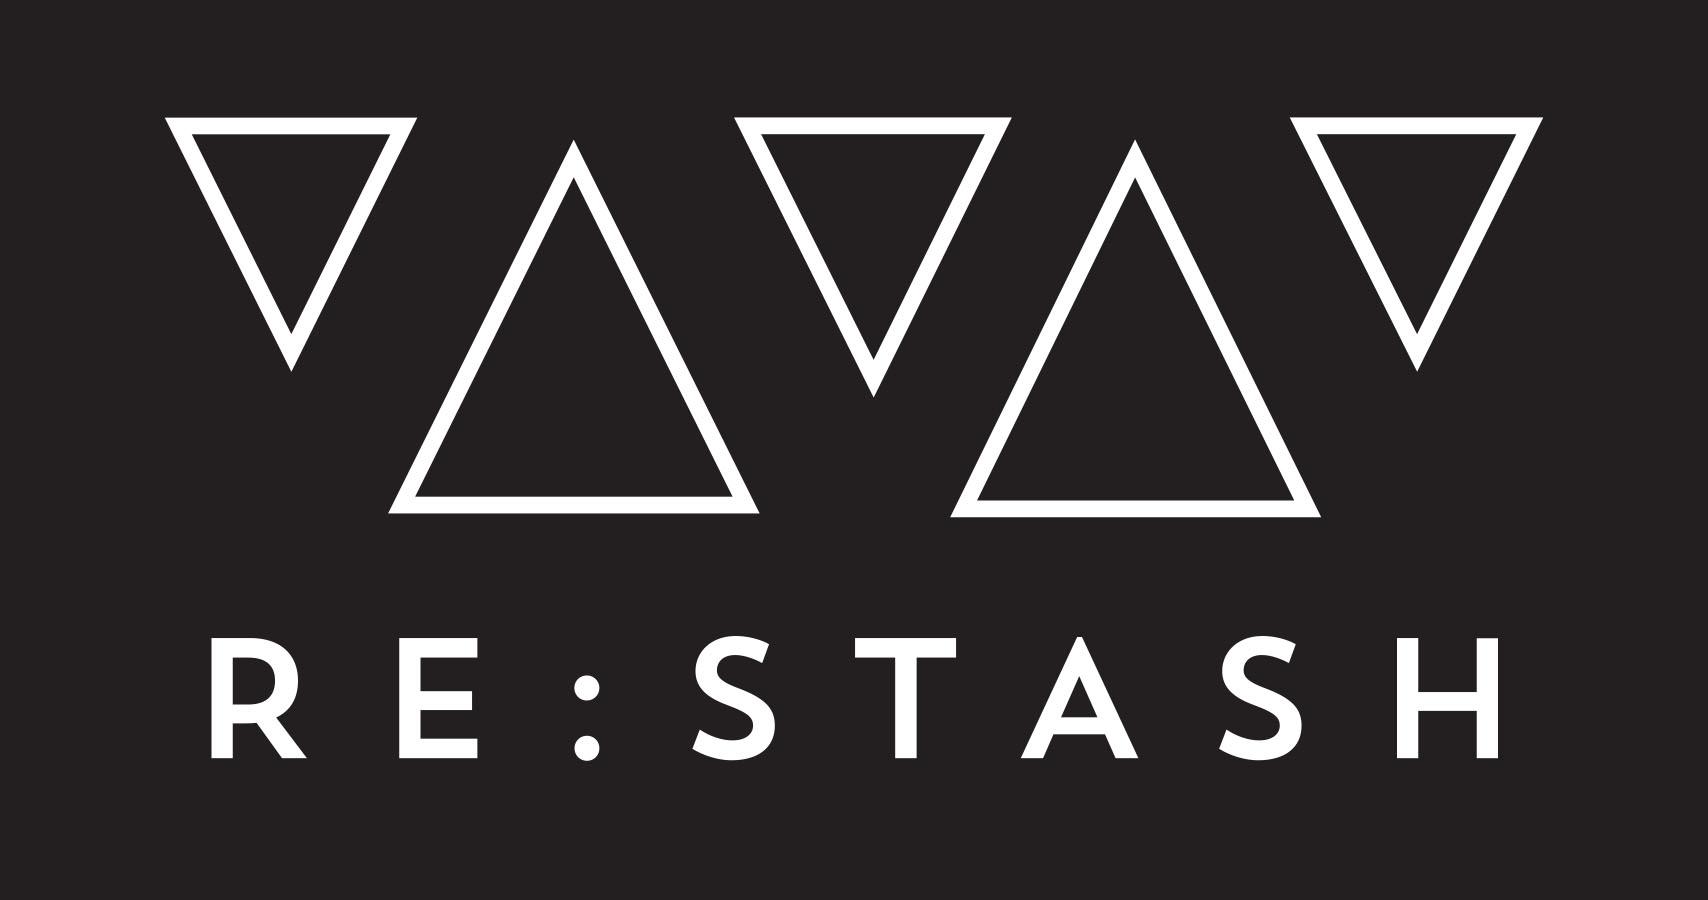 restash_logo.jpg